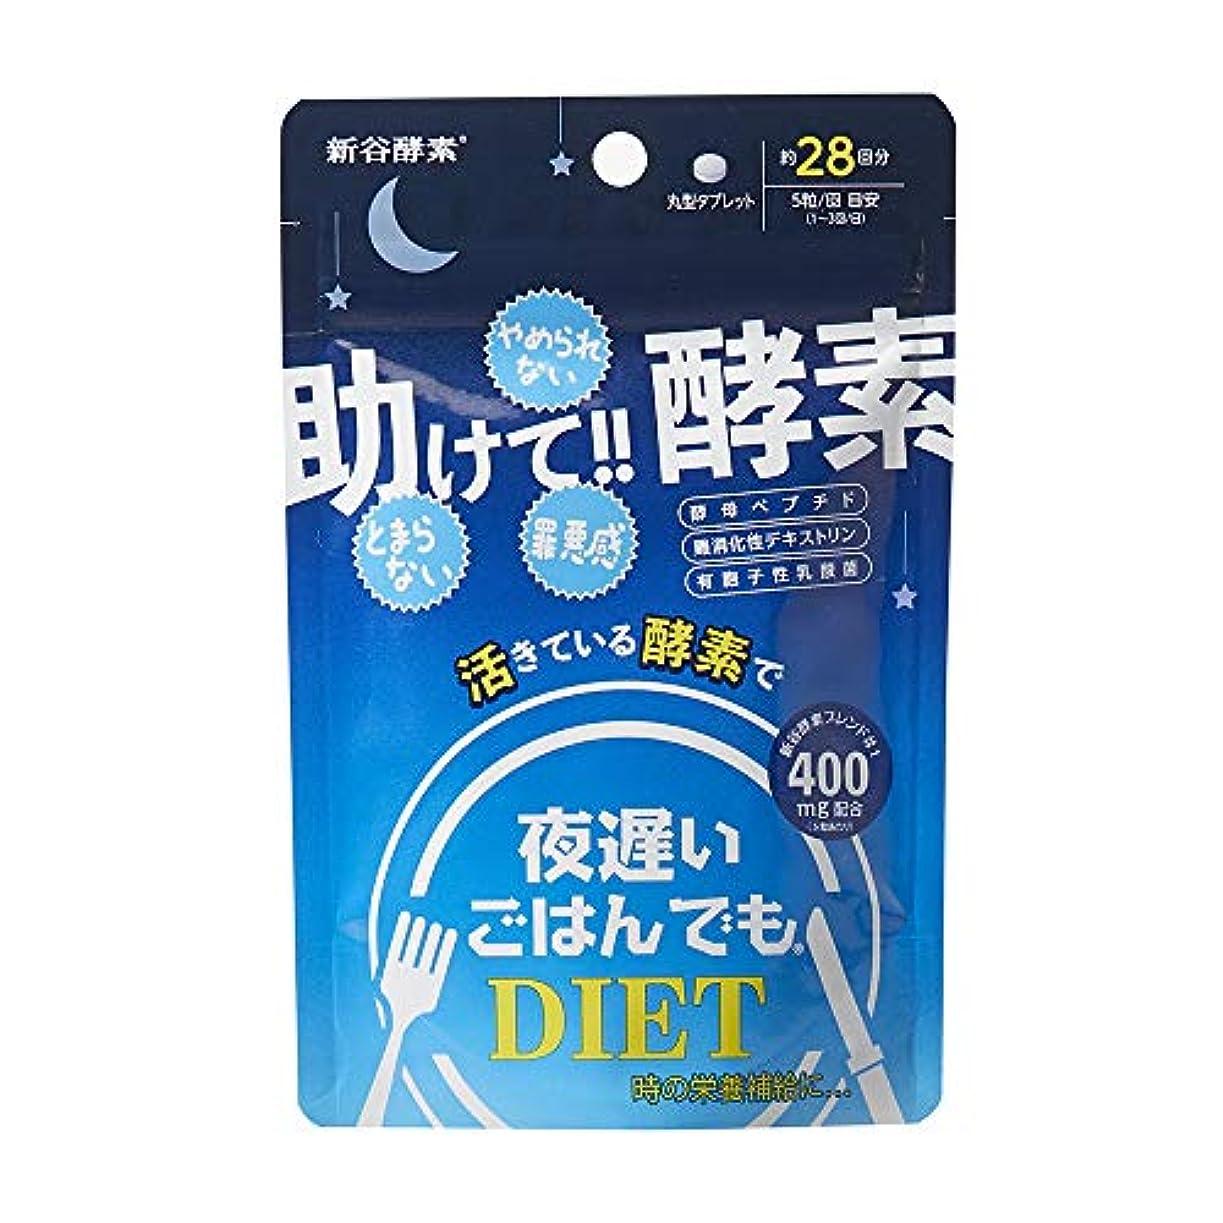 見積り消費継続中新谷酵素 夜遅いごはんでも 助けて!! 酵素 (28回分)